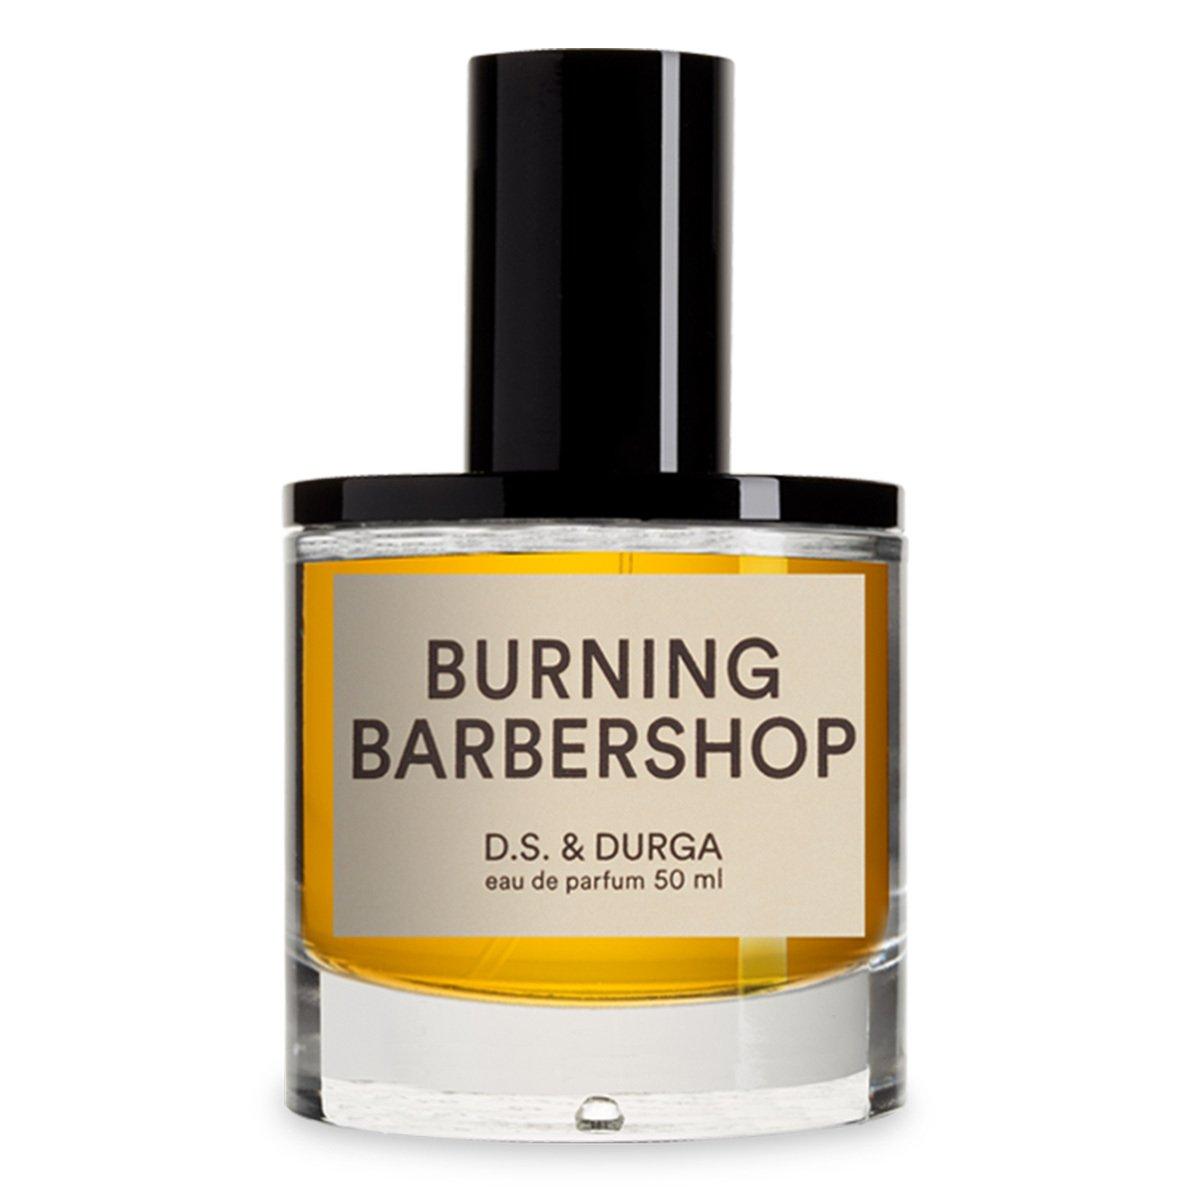 D.S. & Durga Burning Barbershop Eau de Cologne , 50 ml